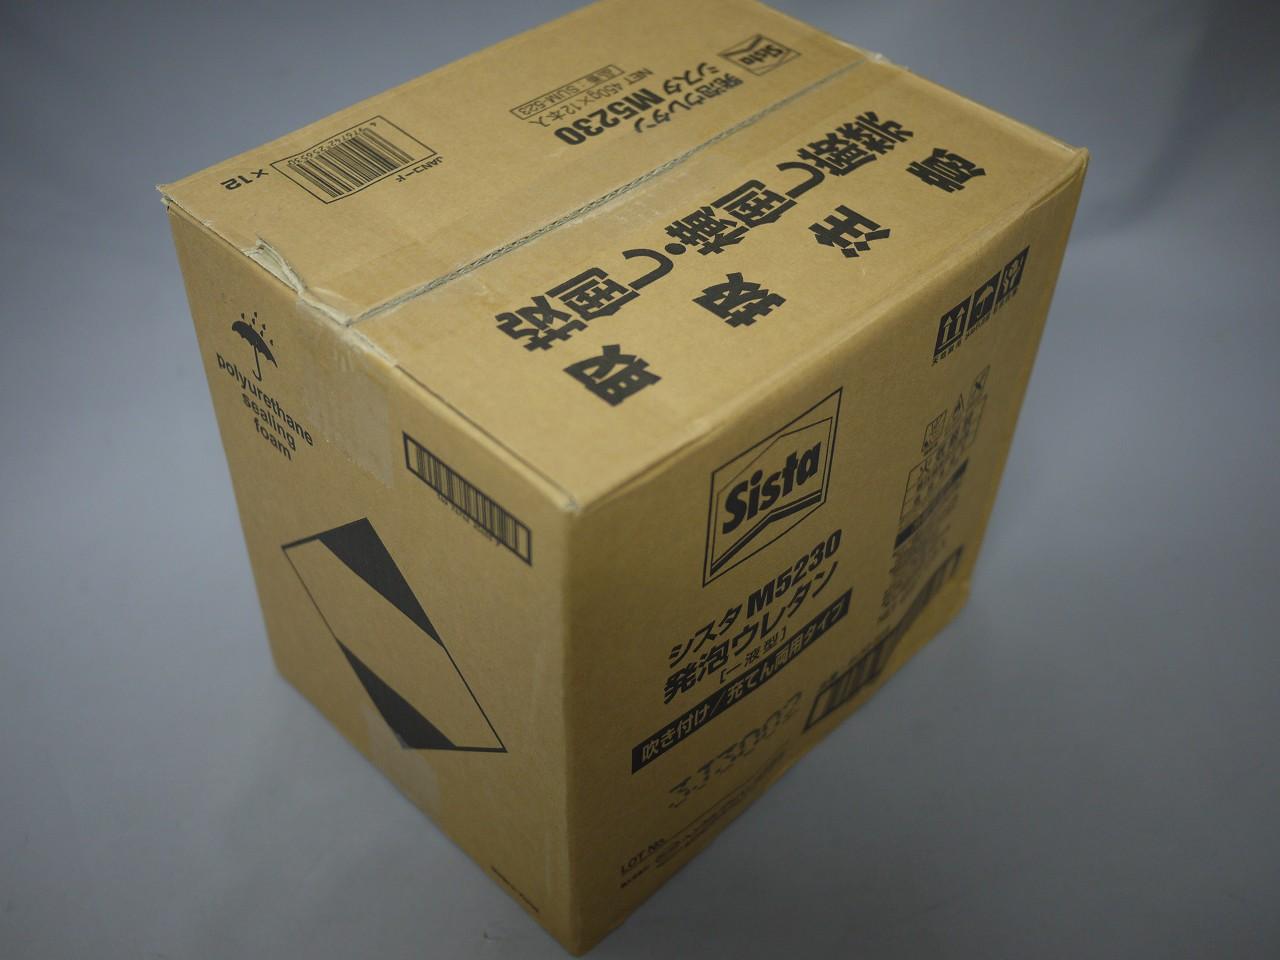 ヘンケルジャパン シスタ 発泡ウレタン 450G M5230 12本セット SUM-523